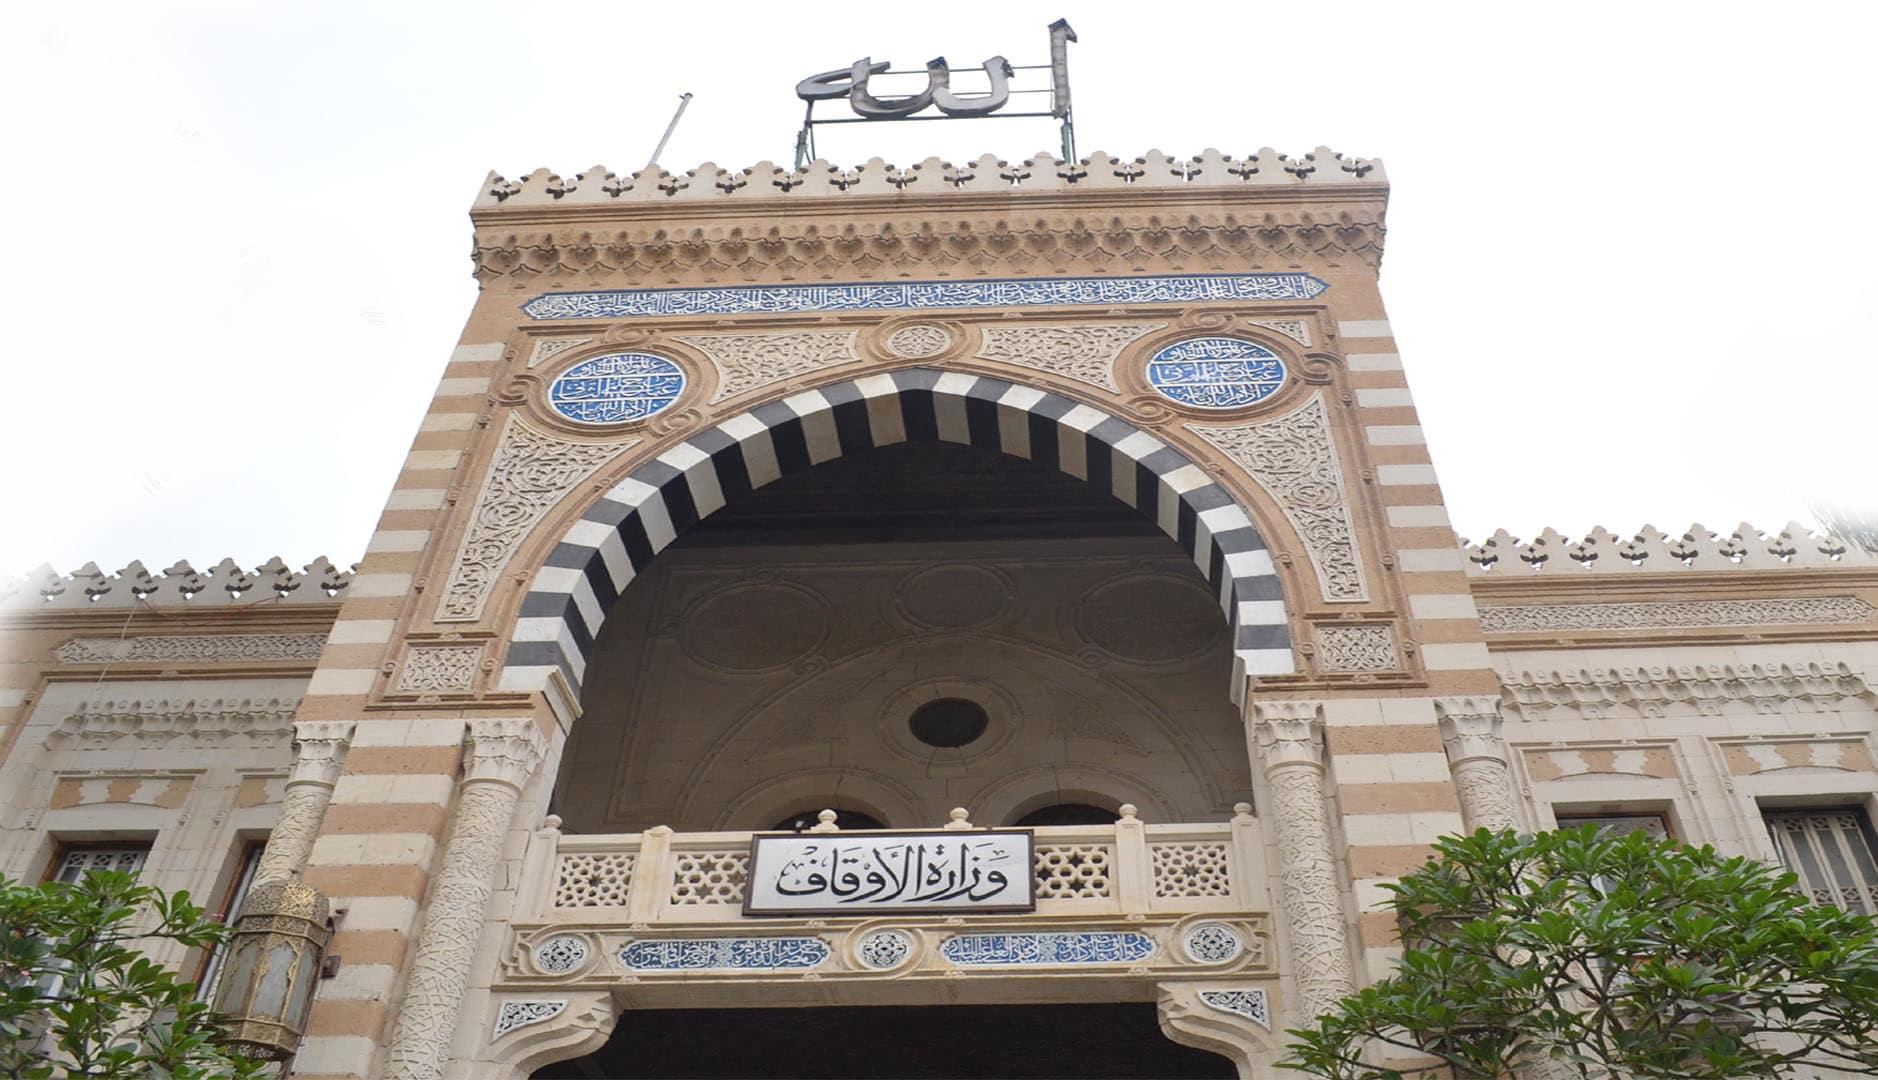 مصر تترجم خطب الجمعة إلى 18 لغة